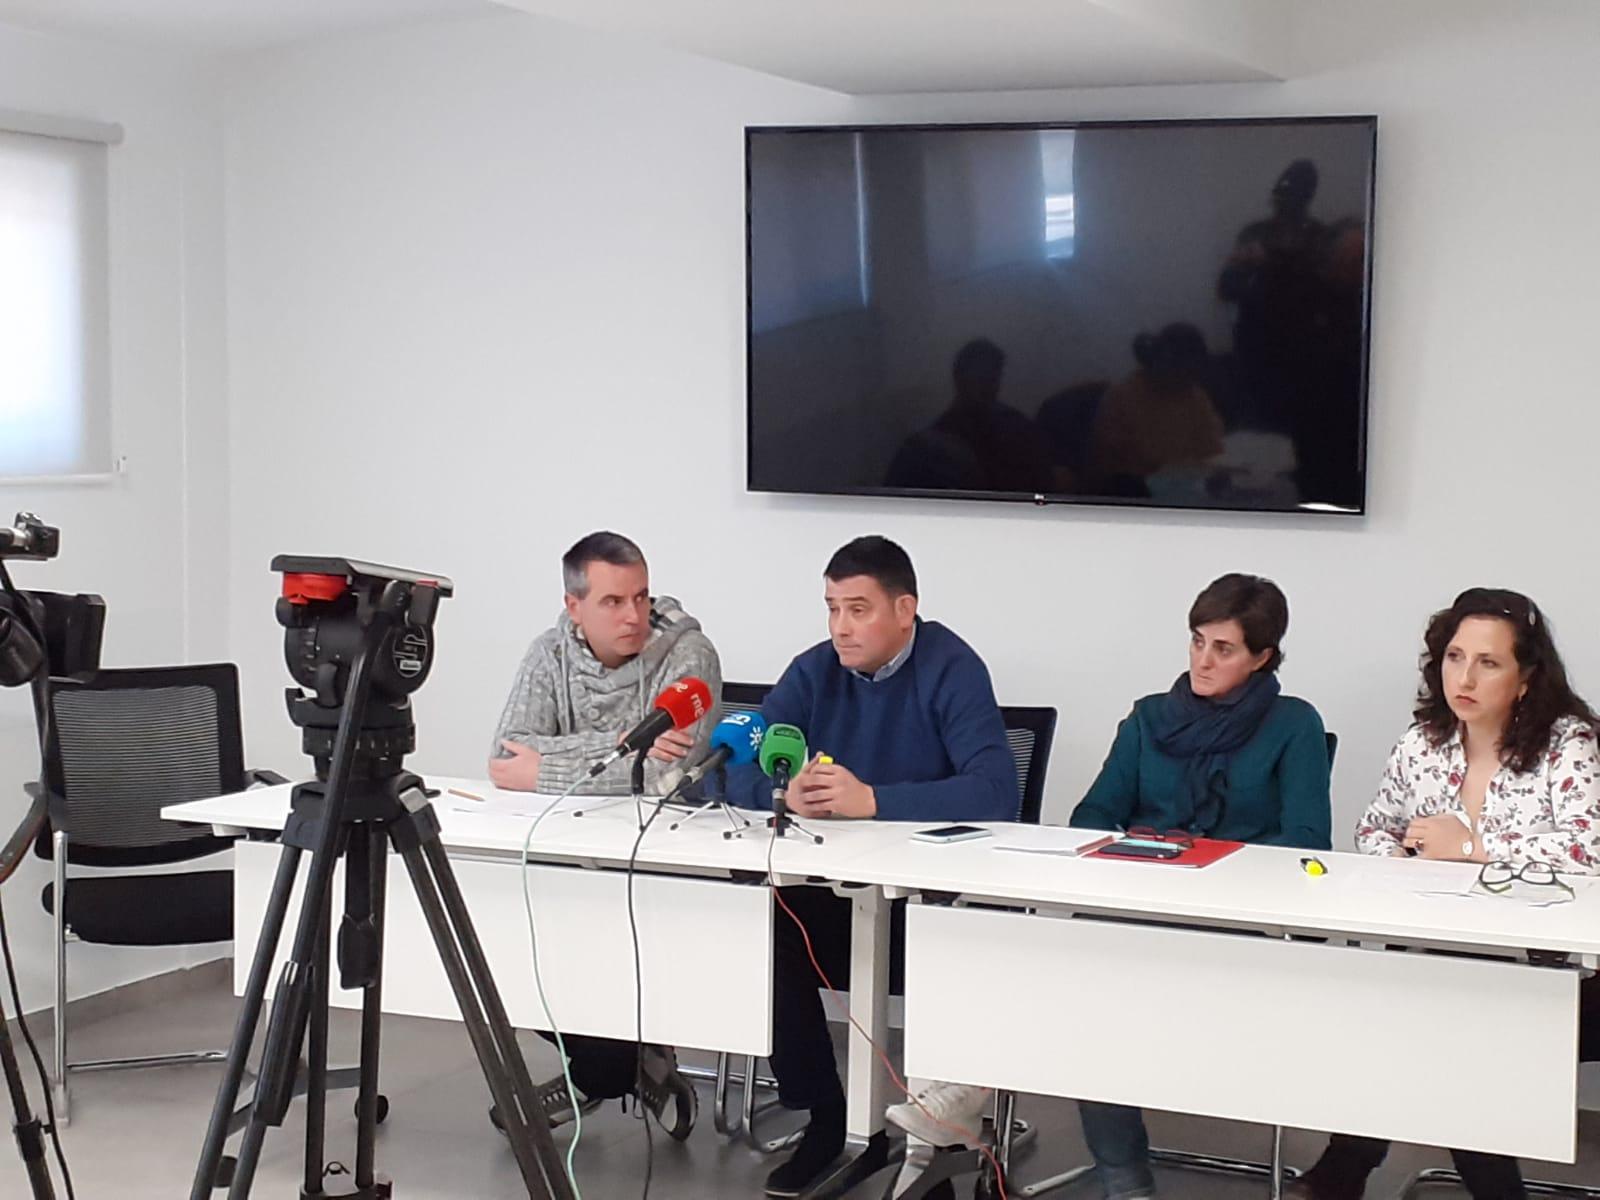 Los sindicatos se oponen al recorte de unidades educativas y de docentes en la provincia de Granada